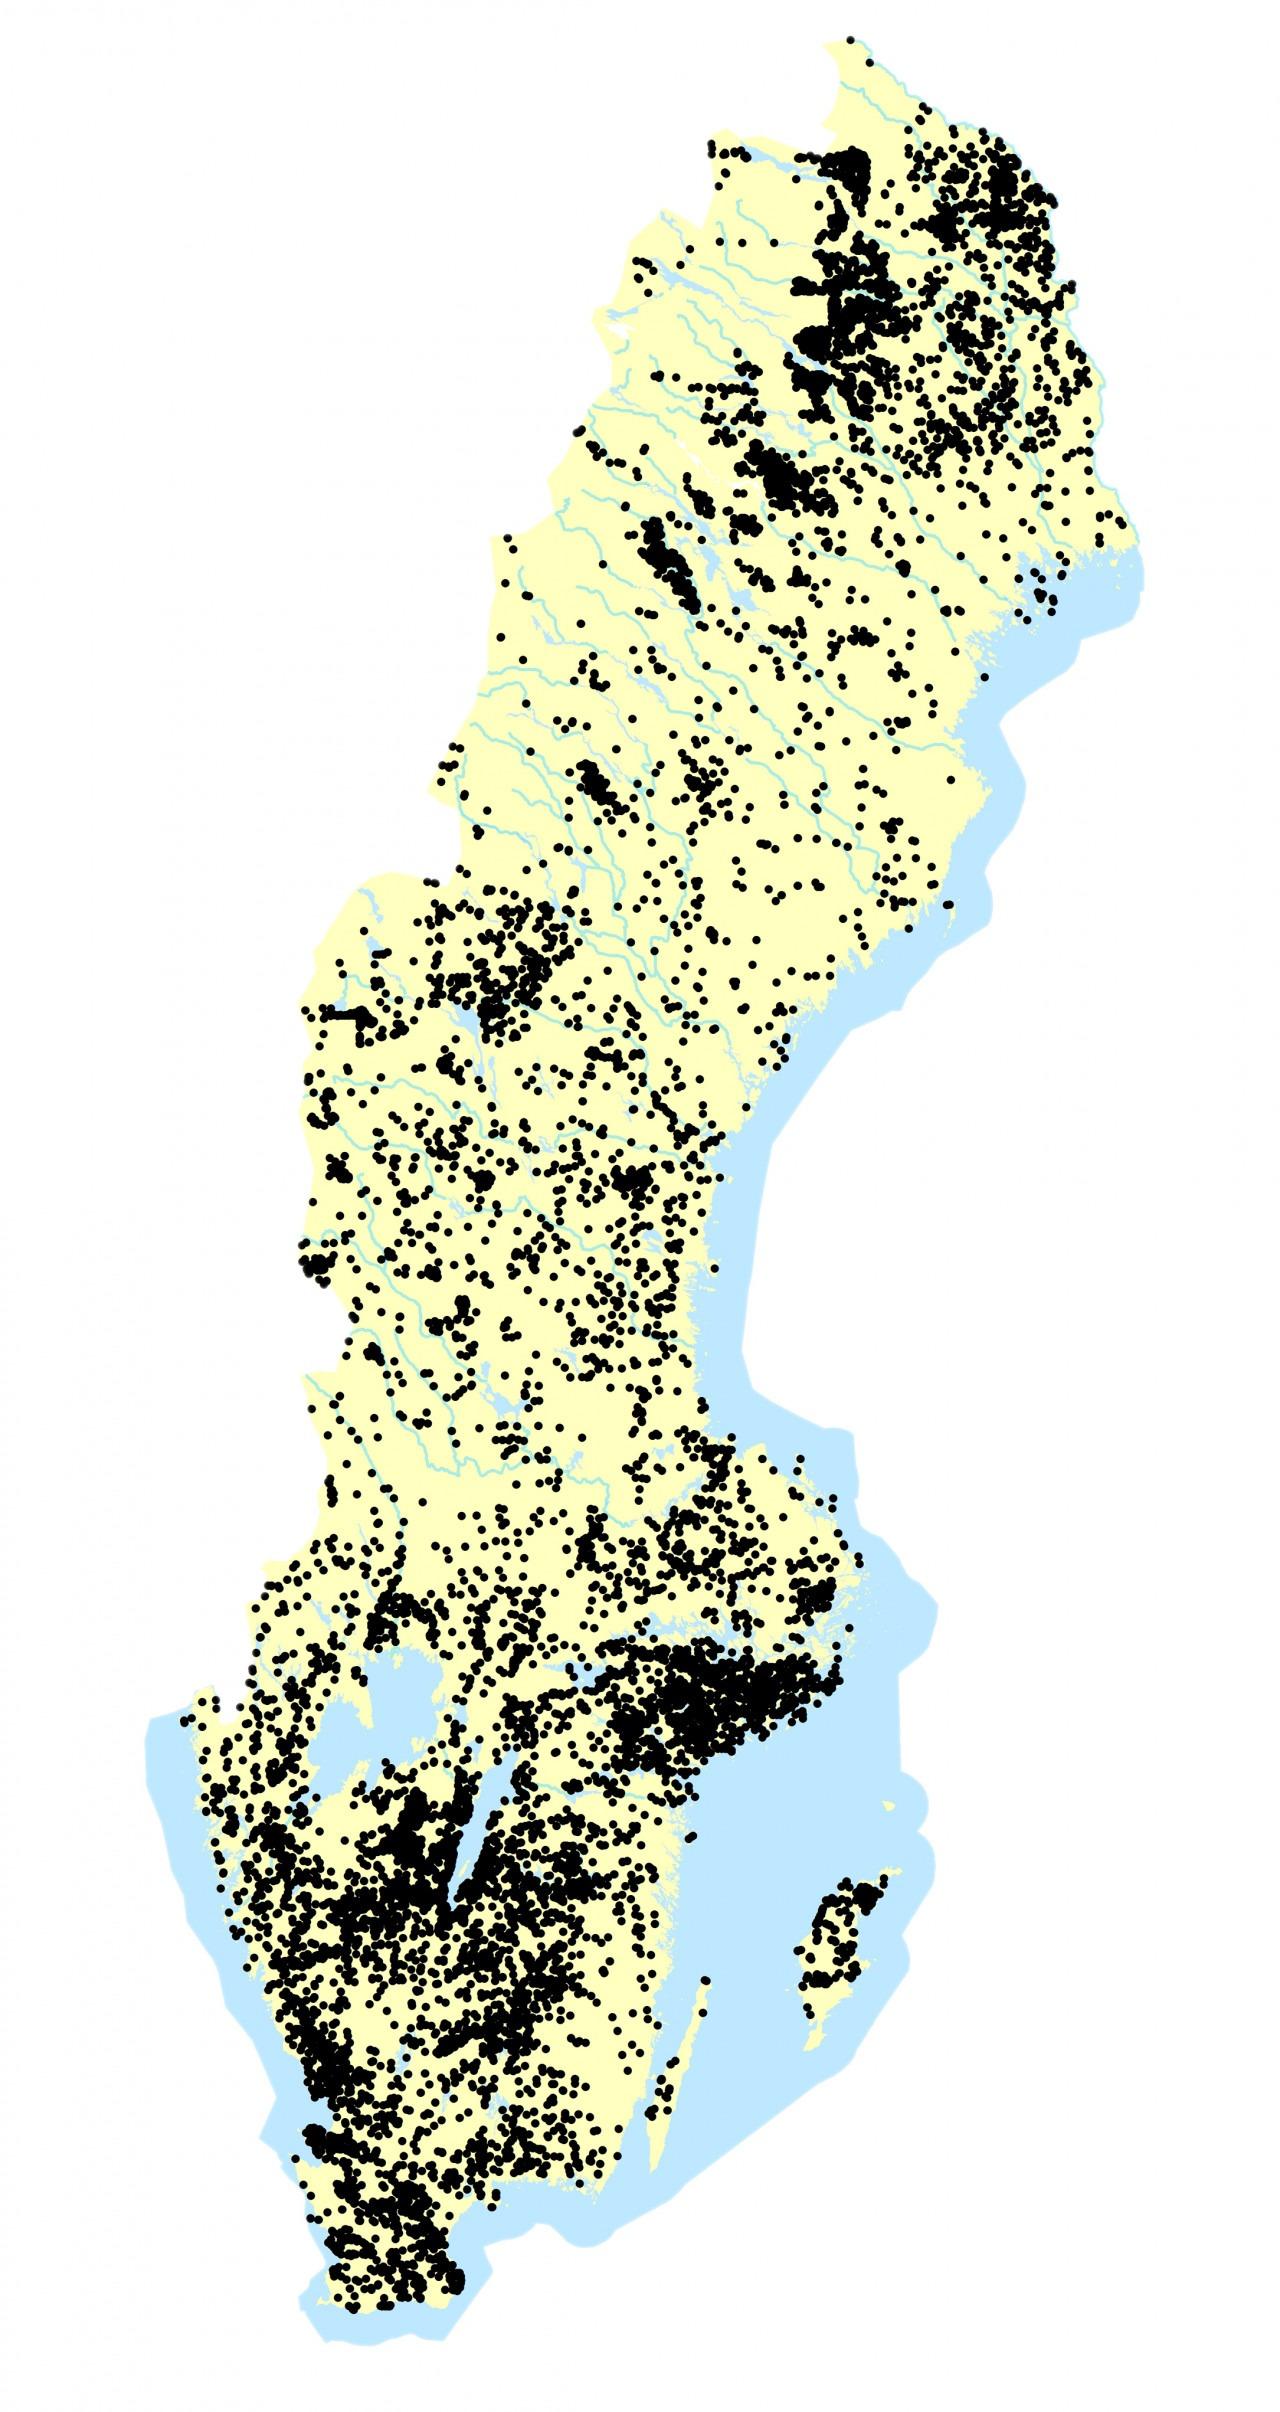 Sverige karta med påträffade källmiljöer.